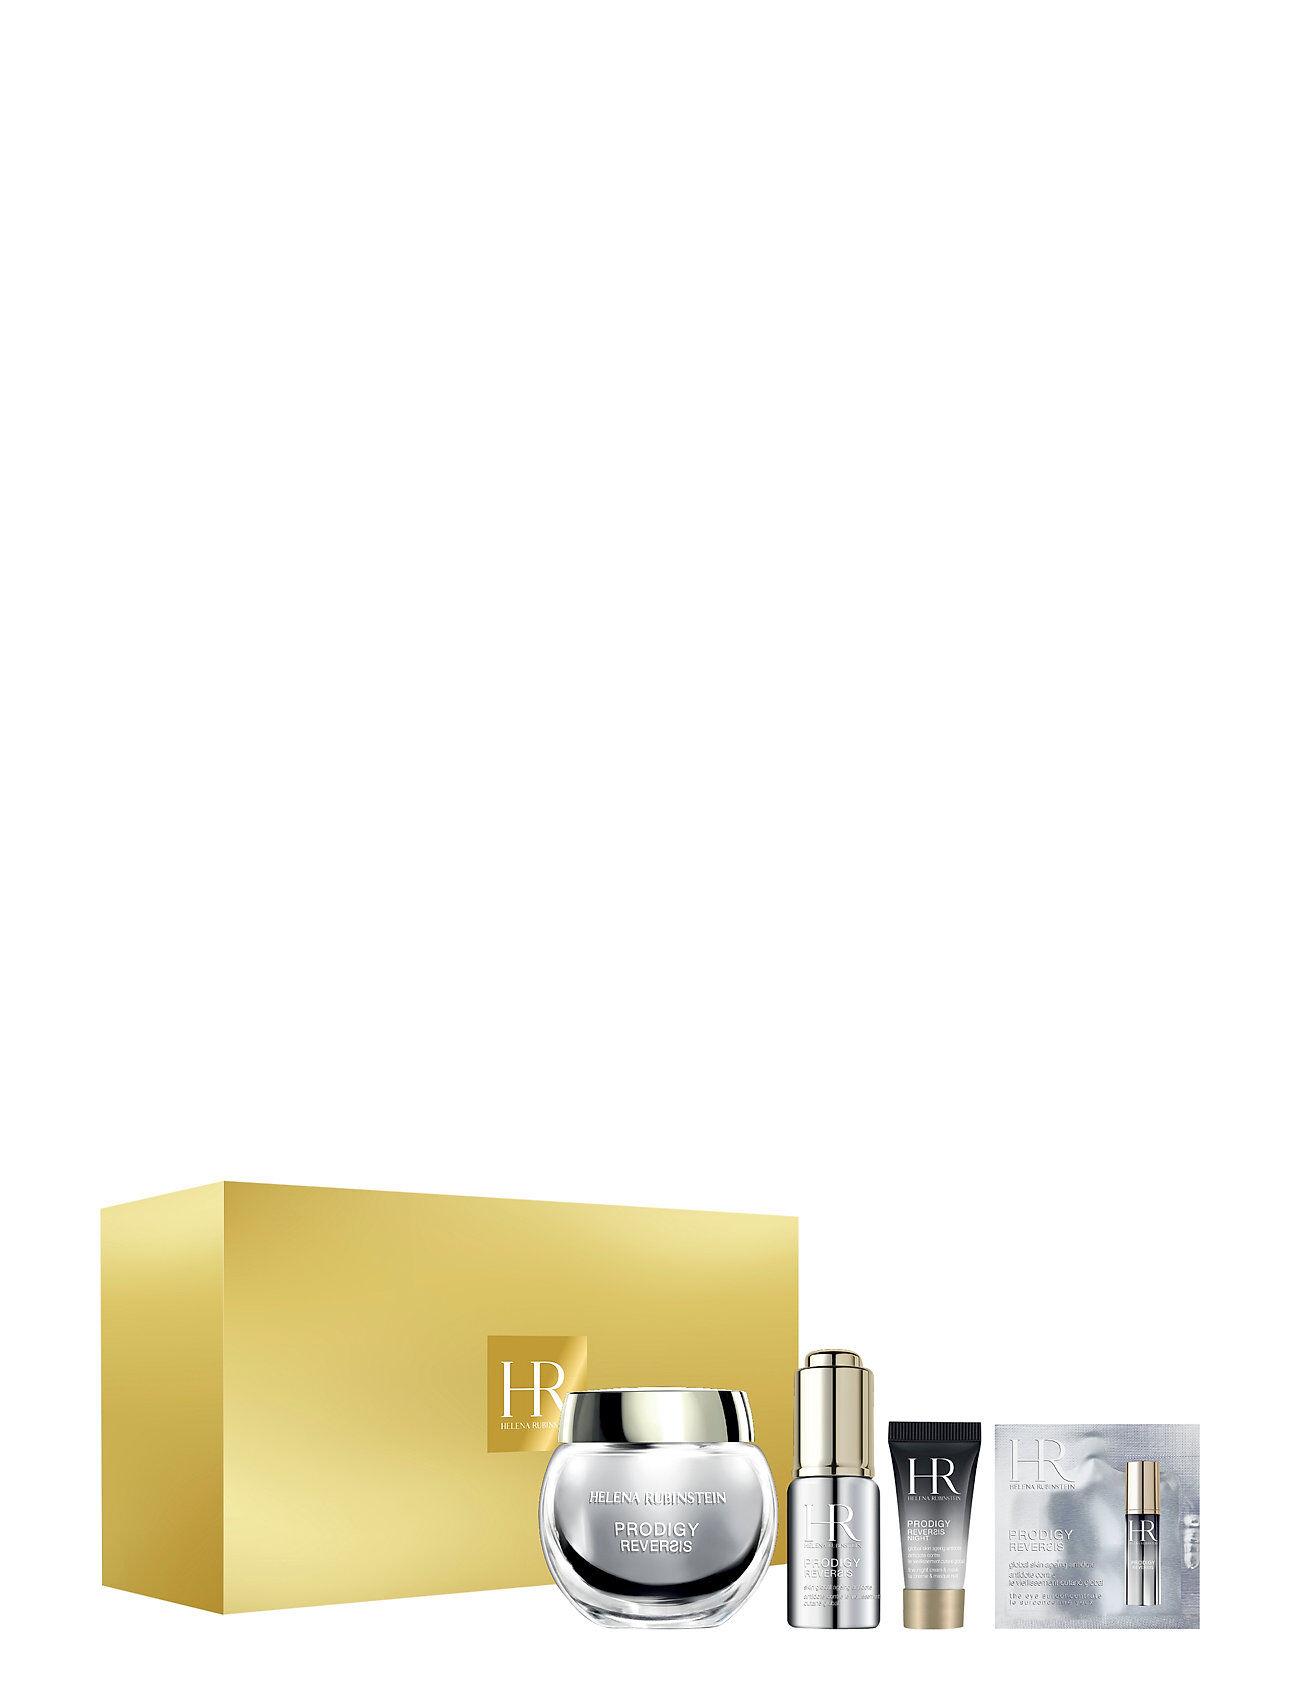 Helena Rubinstein Prodigy Reversis Cream 50 Ml Box